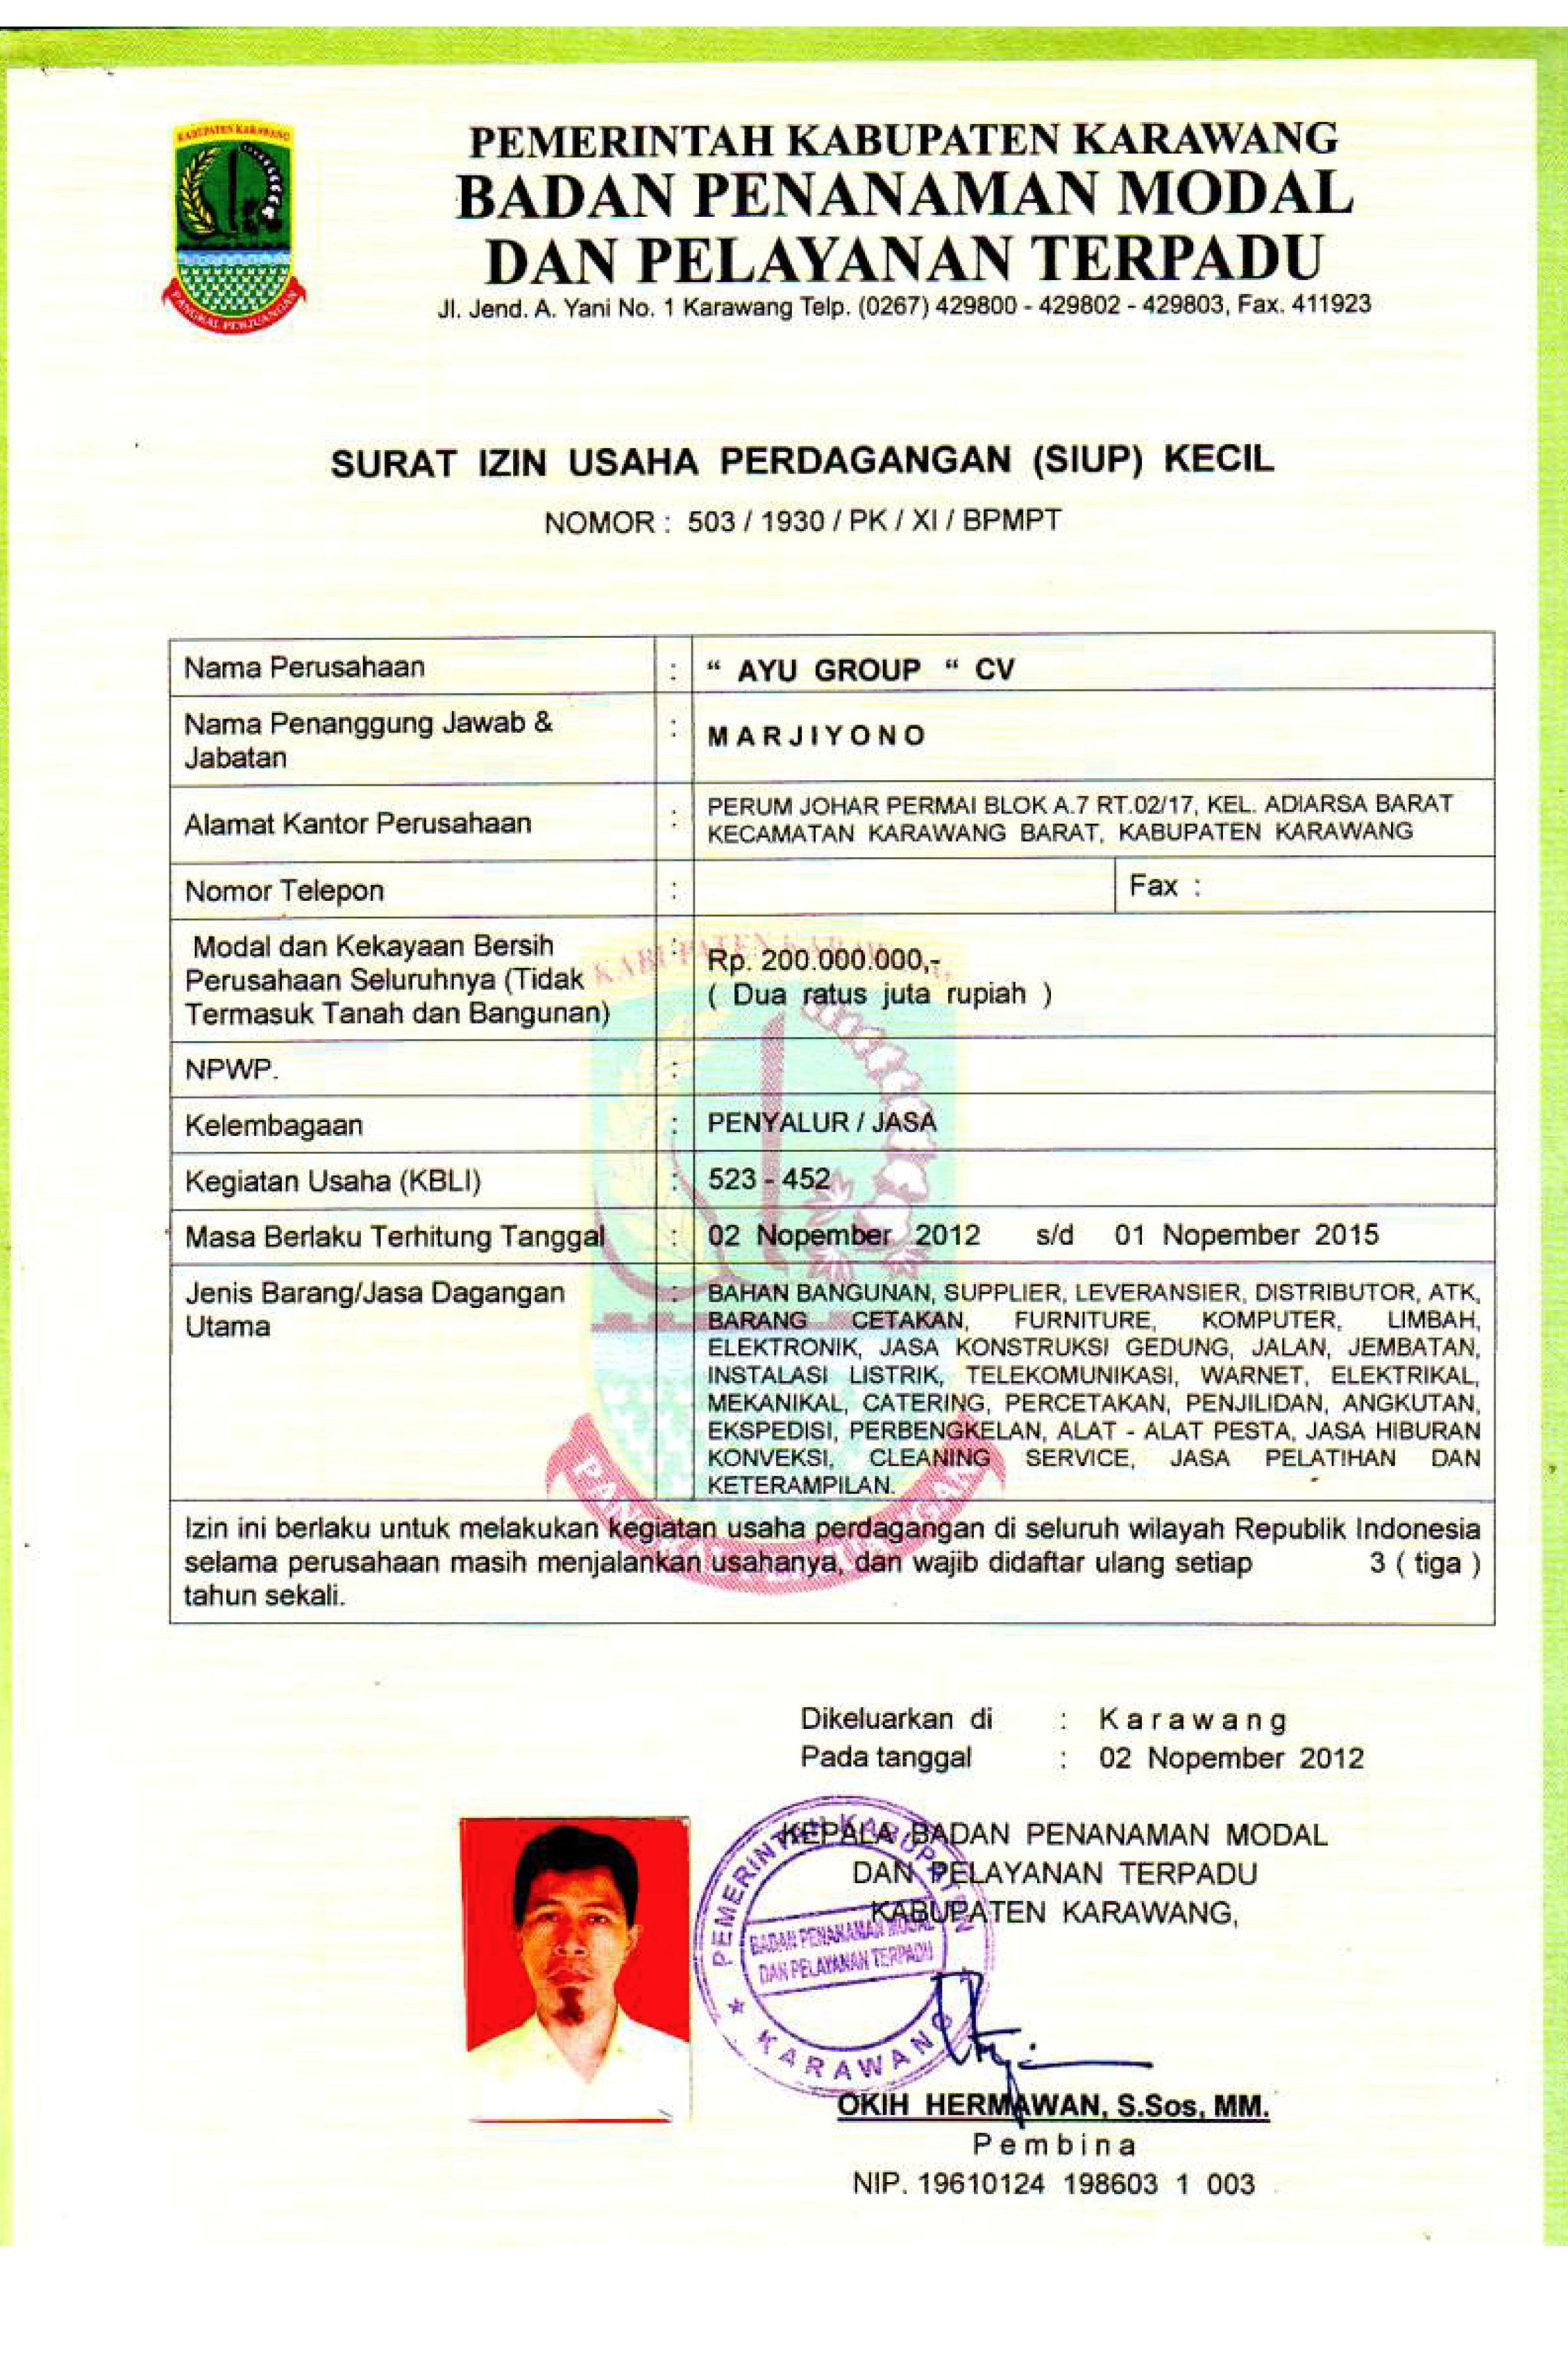 Dokumen Legalitas CV Ayu Group SIUP Kecil